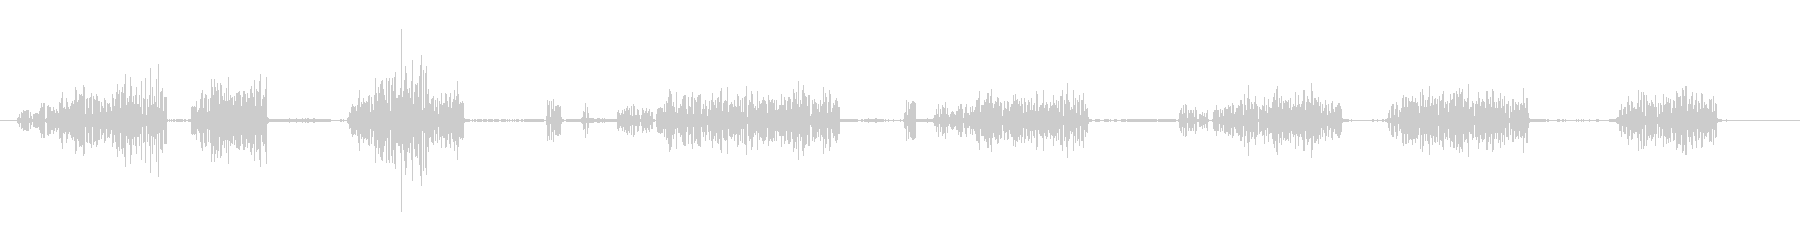 ヴェルデシロ-ガファロの未再生の波形